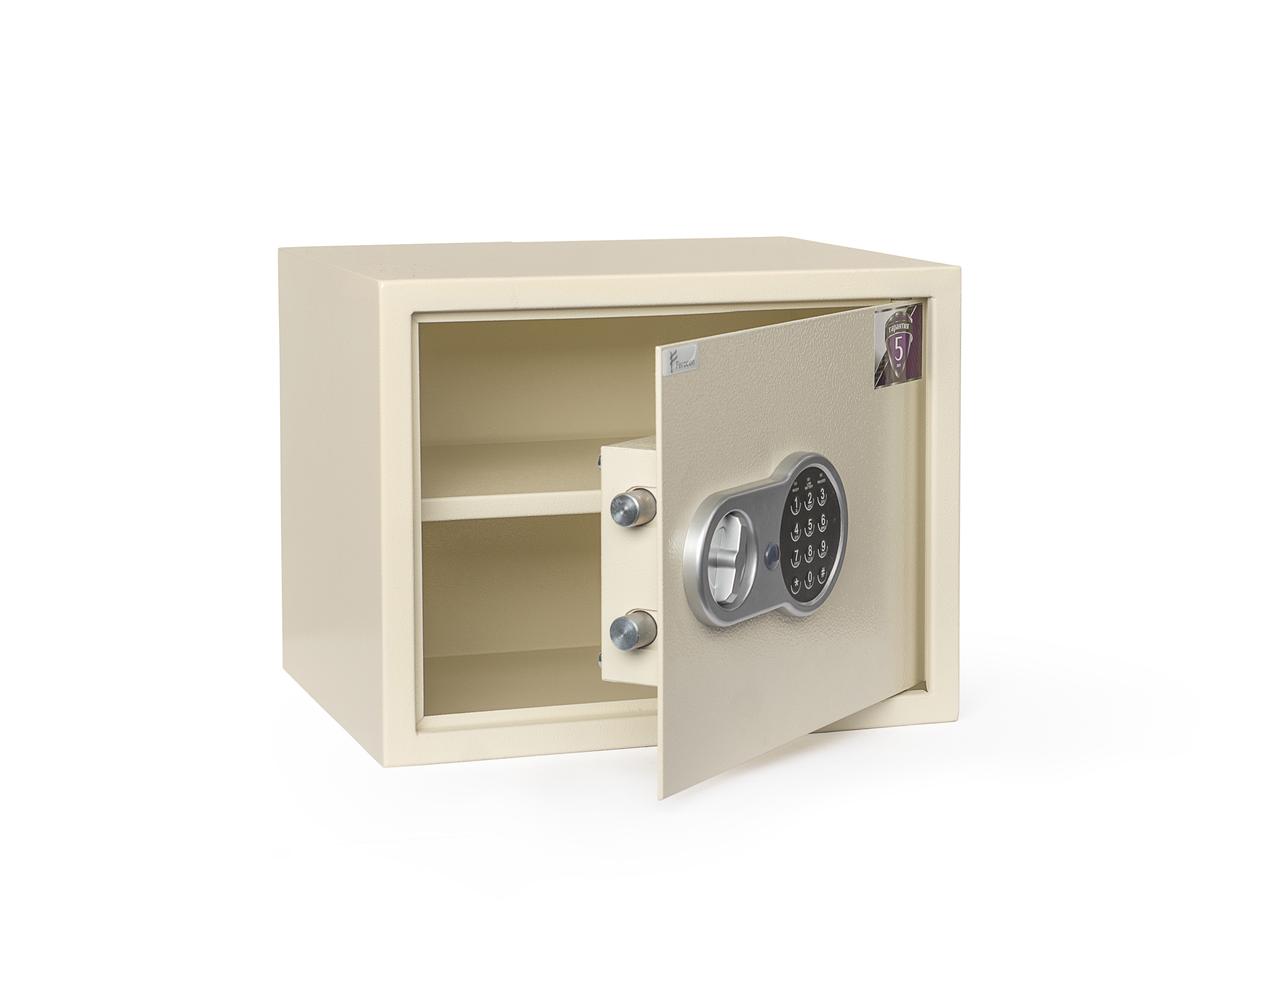 Мебельный сейф БС-30Е.1013 (ШхВхГ), мм: 380х300х300 электронный замок